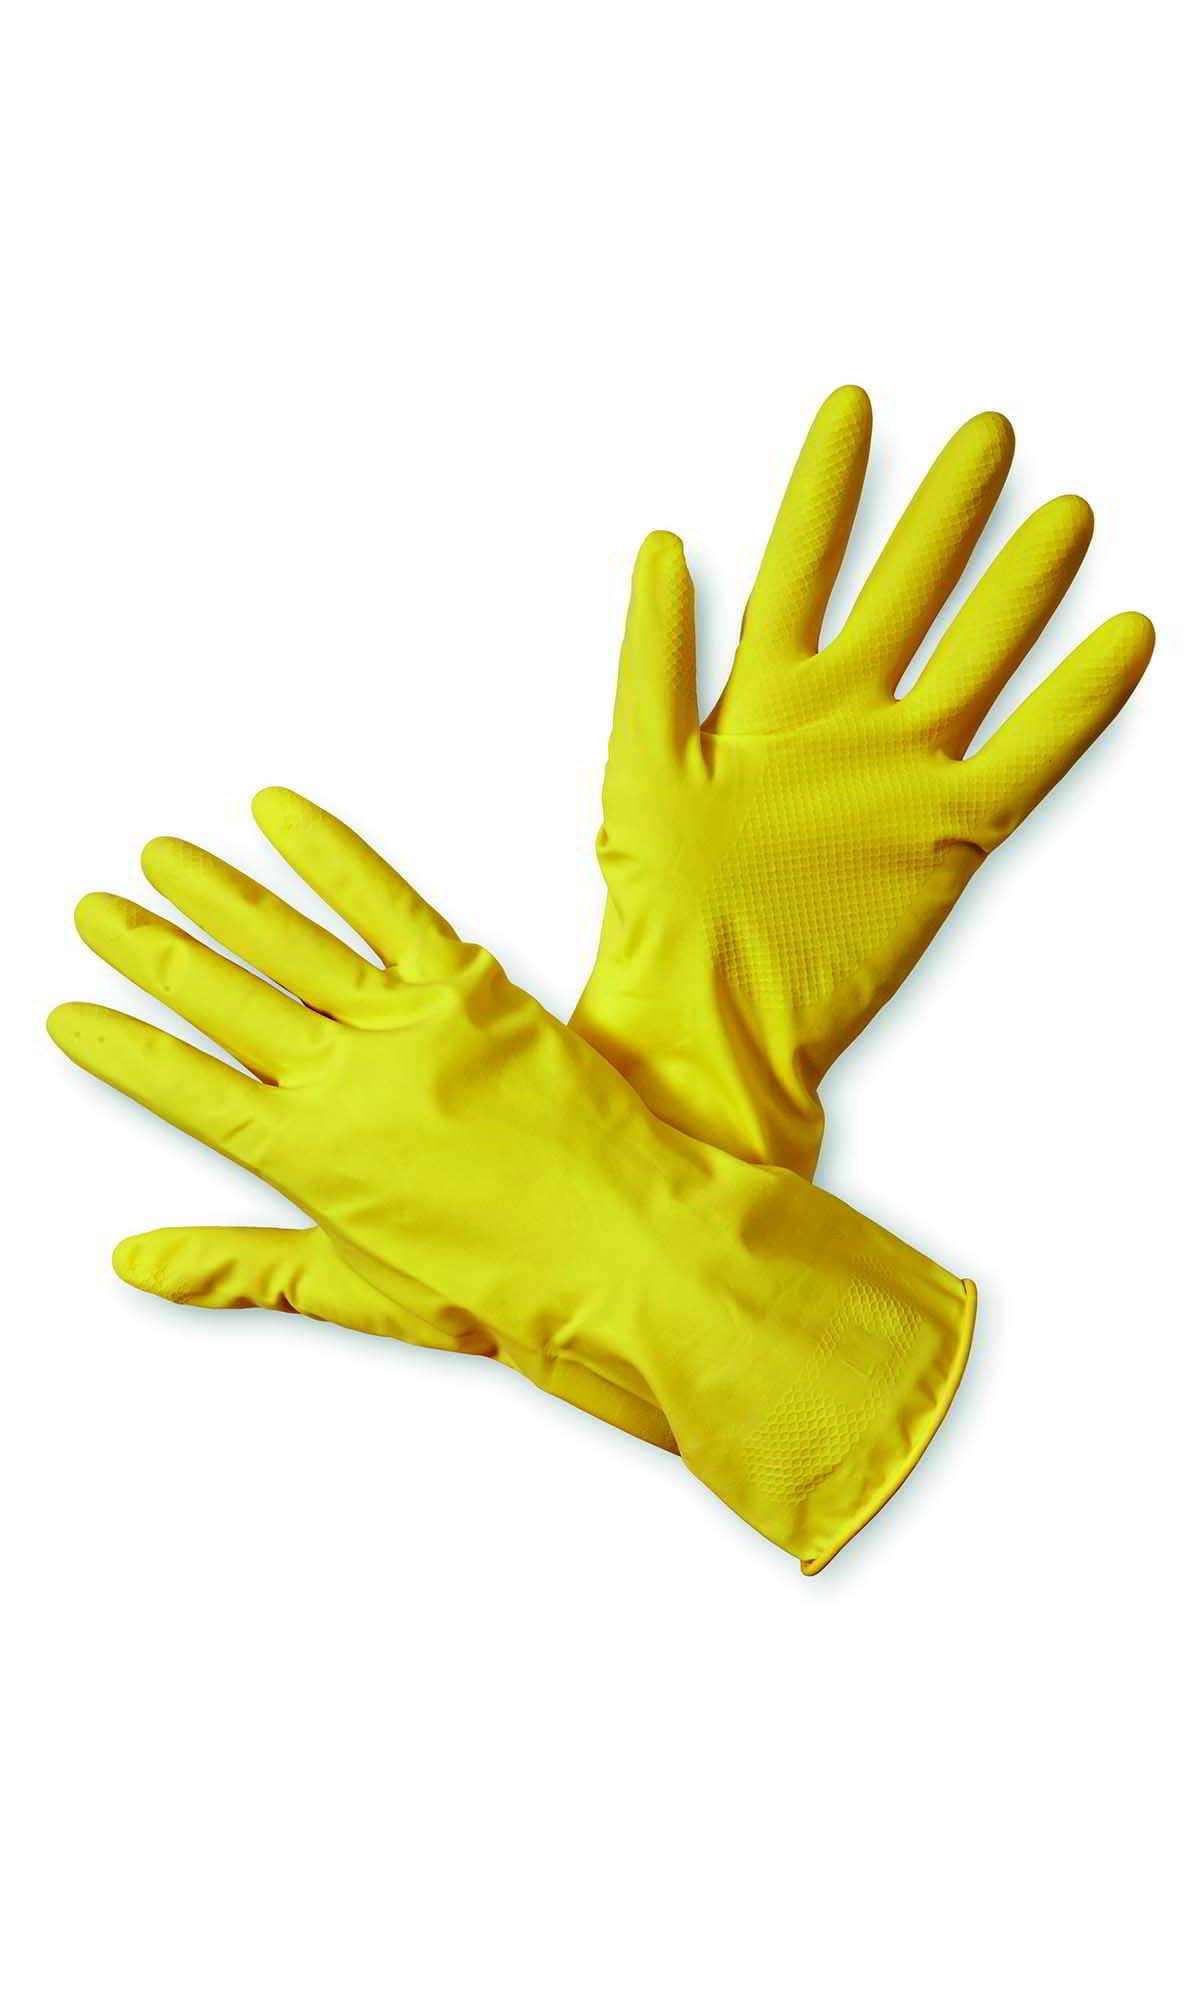 Rękawice gumowe gospodarcze źółte rozmiar: S